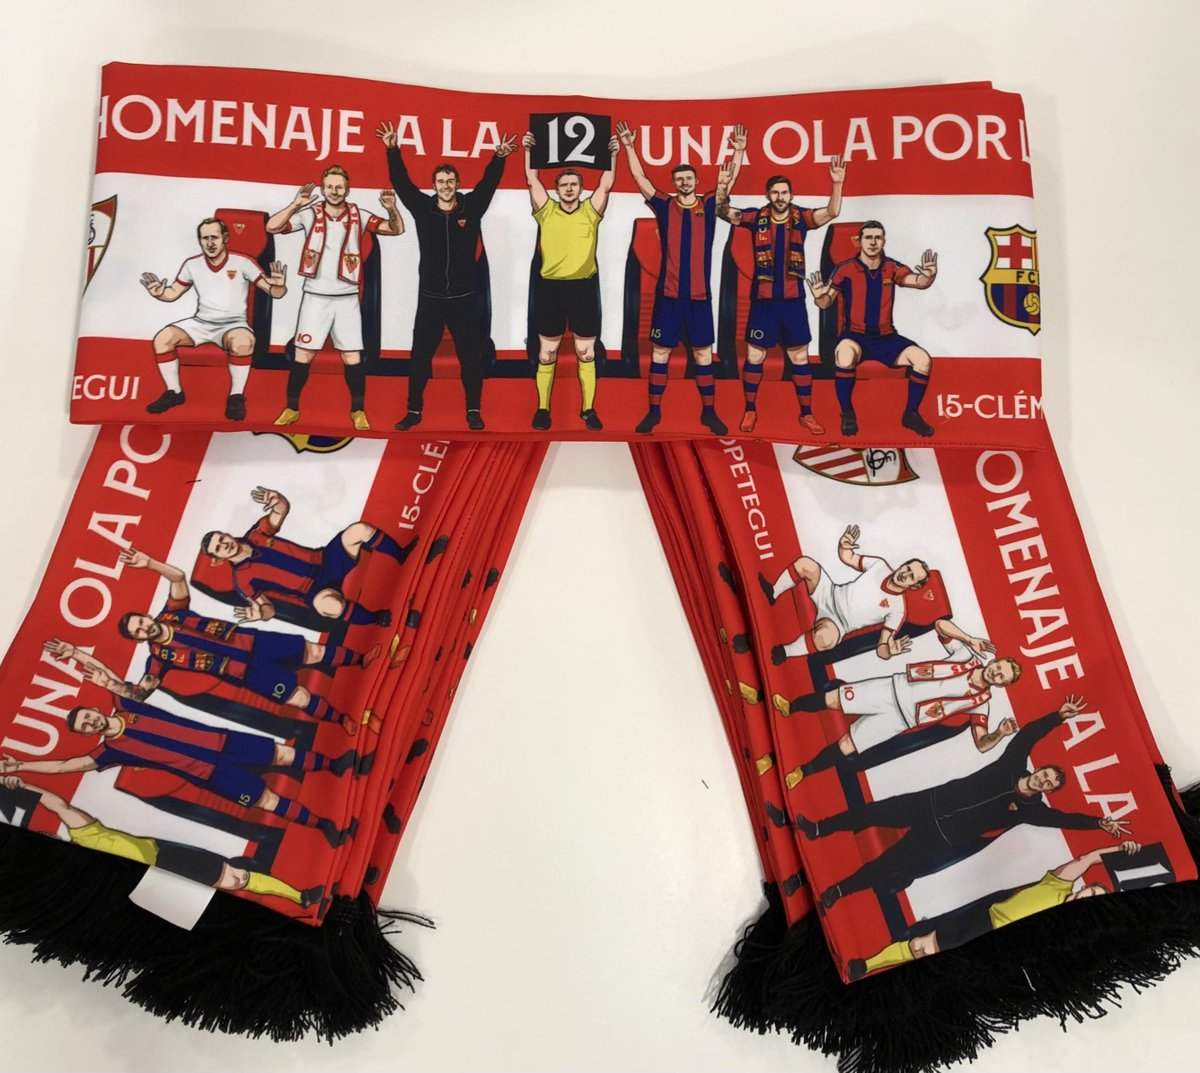 """El #SevillaFC da la bienvenida al @FCBarcelona_es y a todos los aficionados al fútbol a través de la campaña de protocolo """"NUESTRO HOMENAJE A LA 12. UNA OLA POR LA AFICIÓN"""". ¡Va por vosotros!  #SevillaFCBarça #WeareSevilla https://t.co/HawHiwTiTt"""